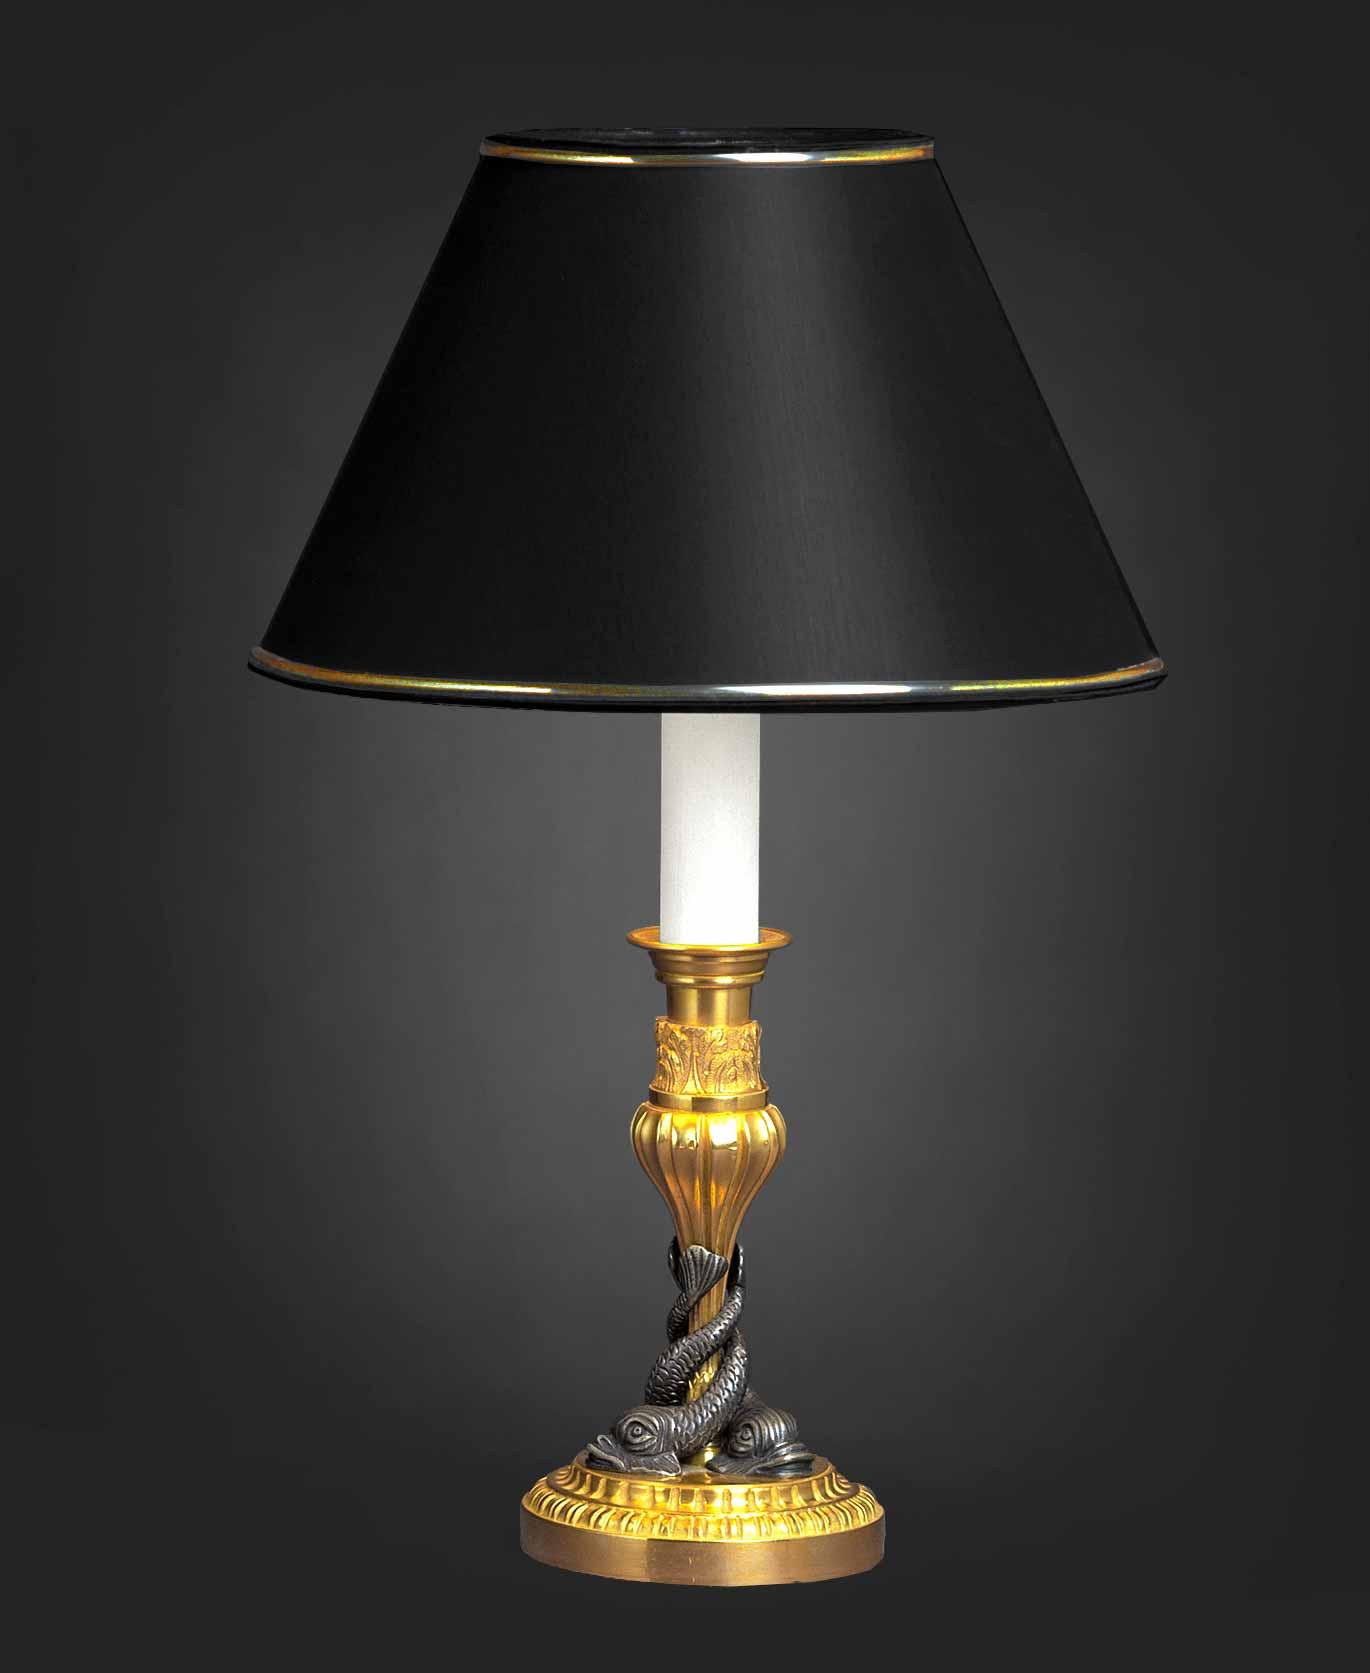 Lampes & lampadaires - 13032